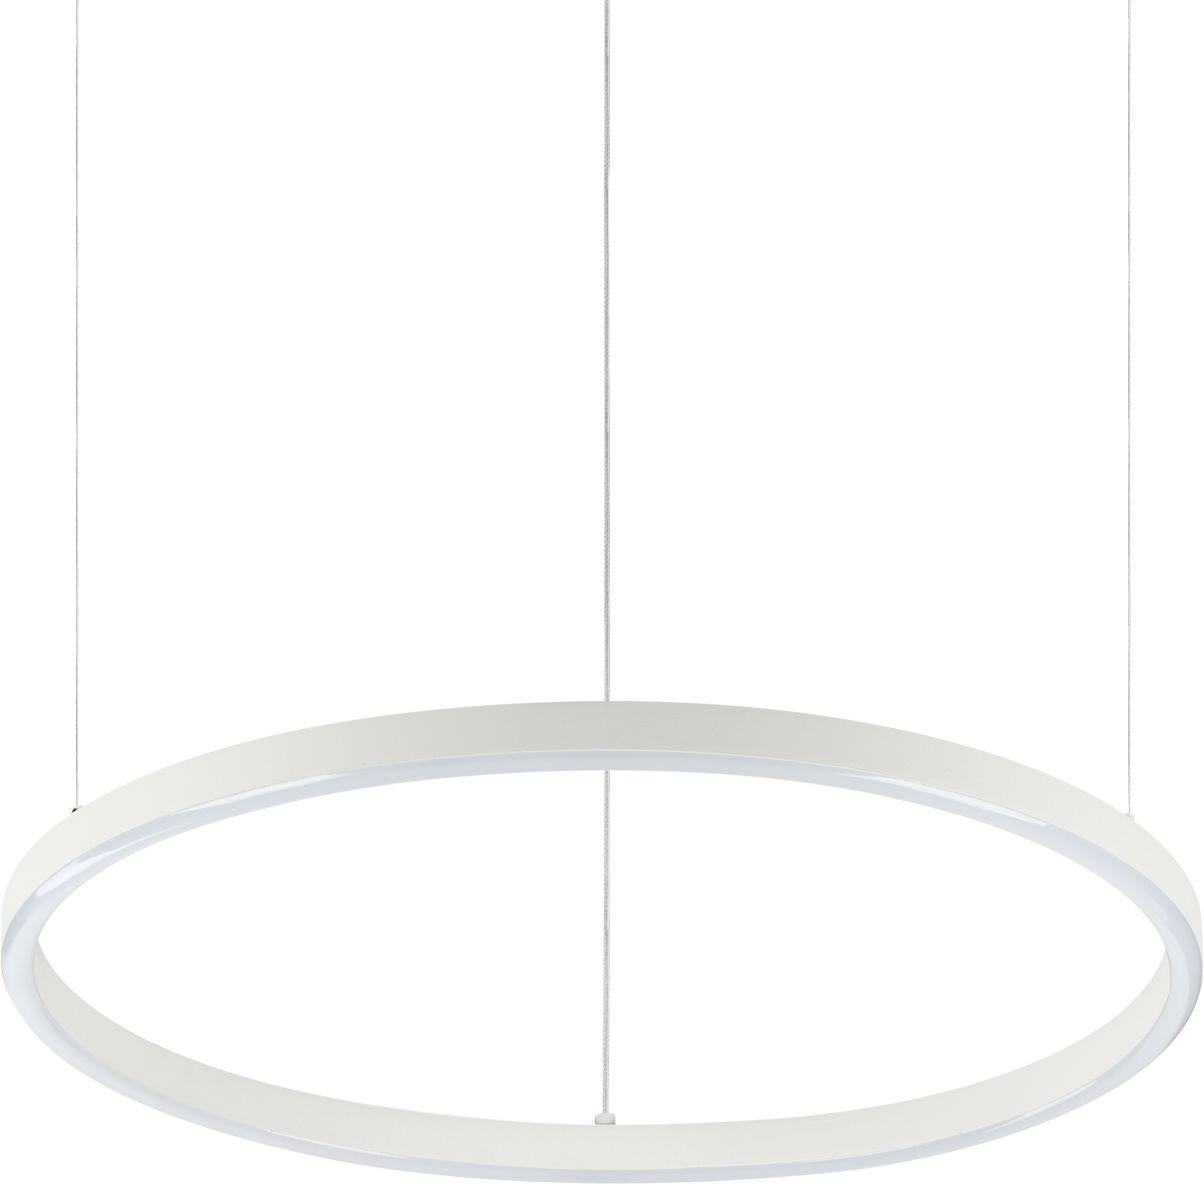 Lampa wisząca Oracle Slim 229461 Ideal Lux nowoczesna oprawa w kolorze białym